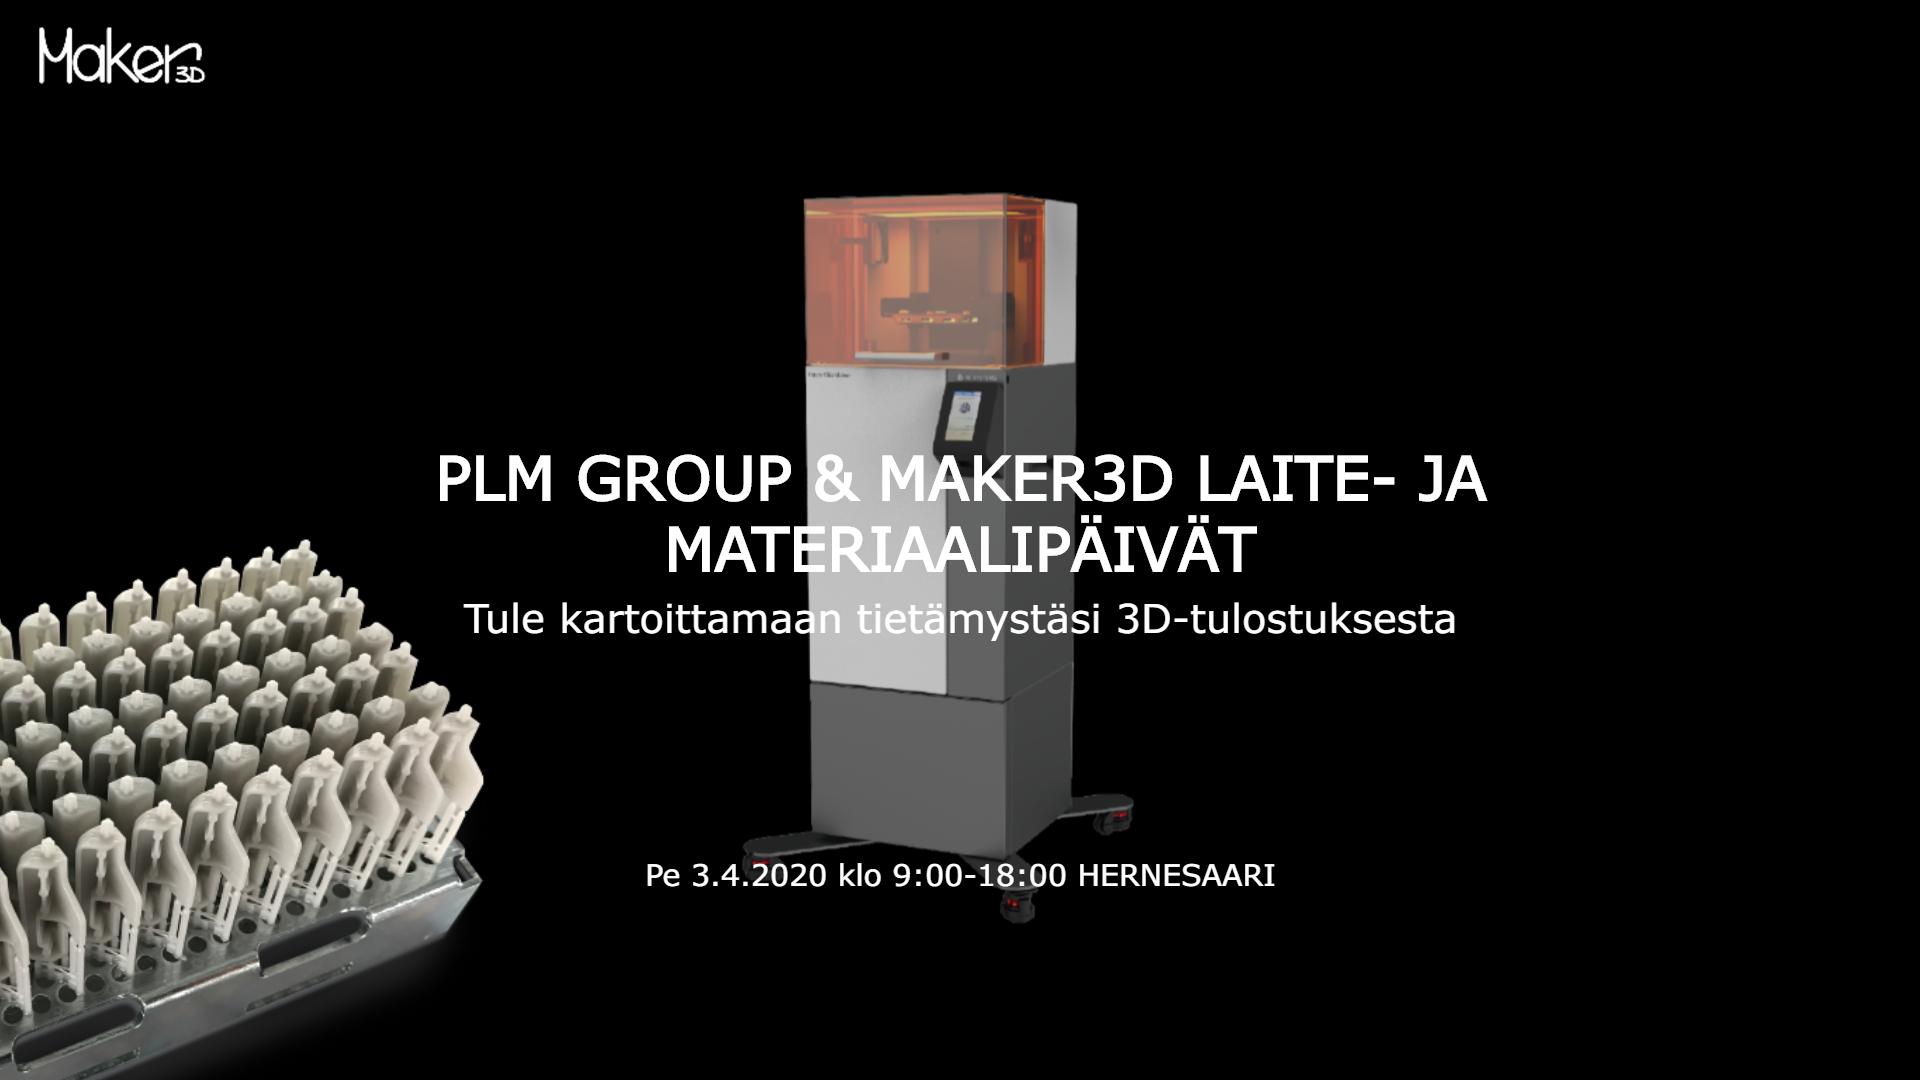 TAPAHTUMAKUTSU PLM GROUP & MAKER3D LAITE- JA MATERIAALIPÄIVÄT 3.4. (PERUTTU)